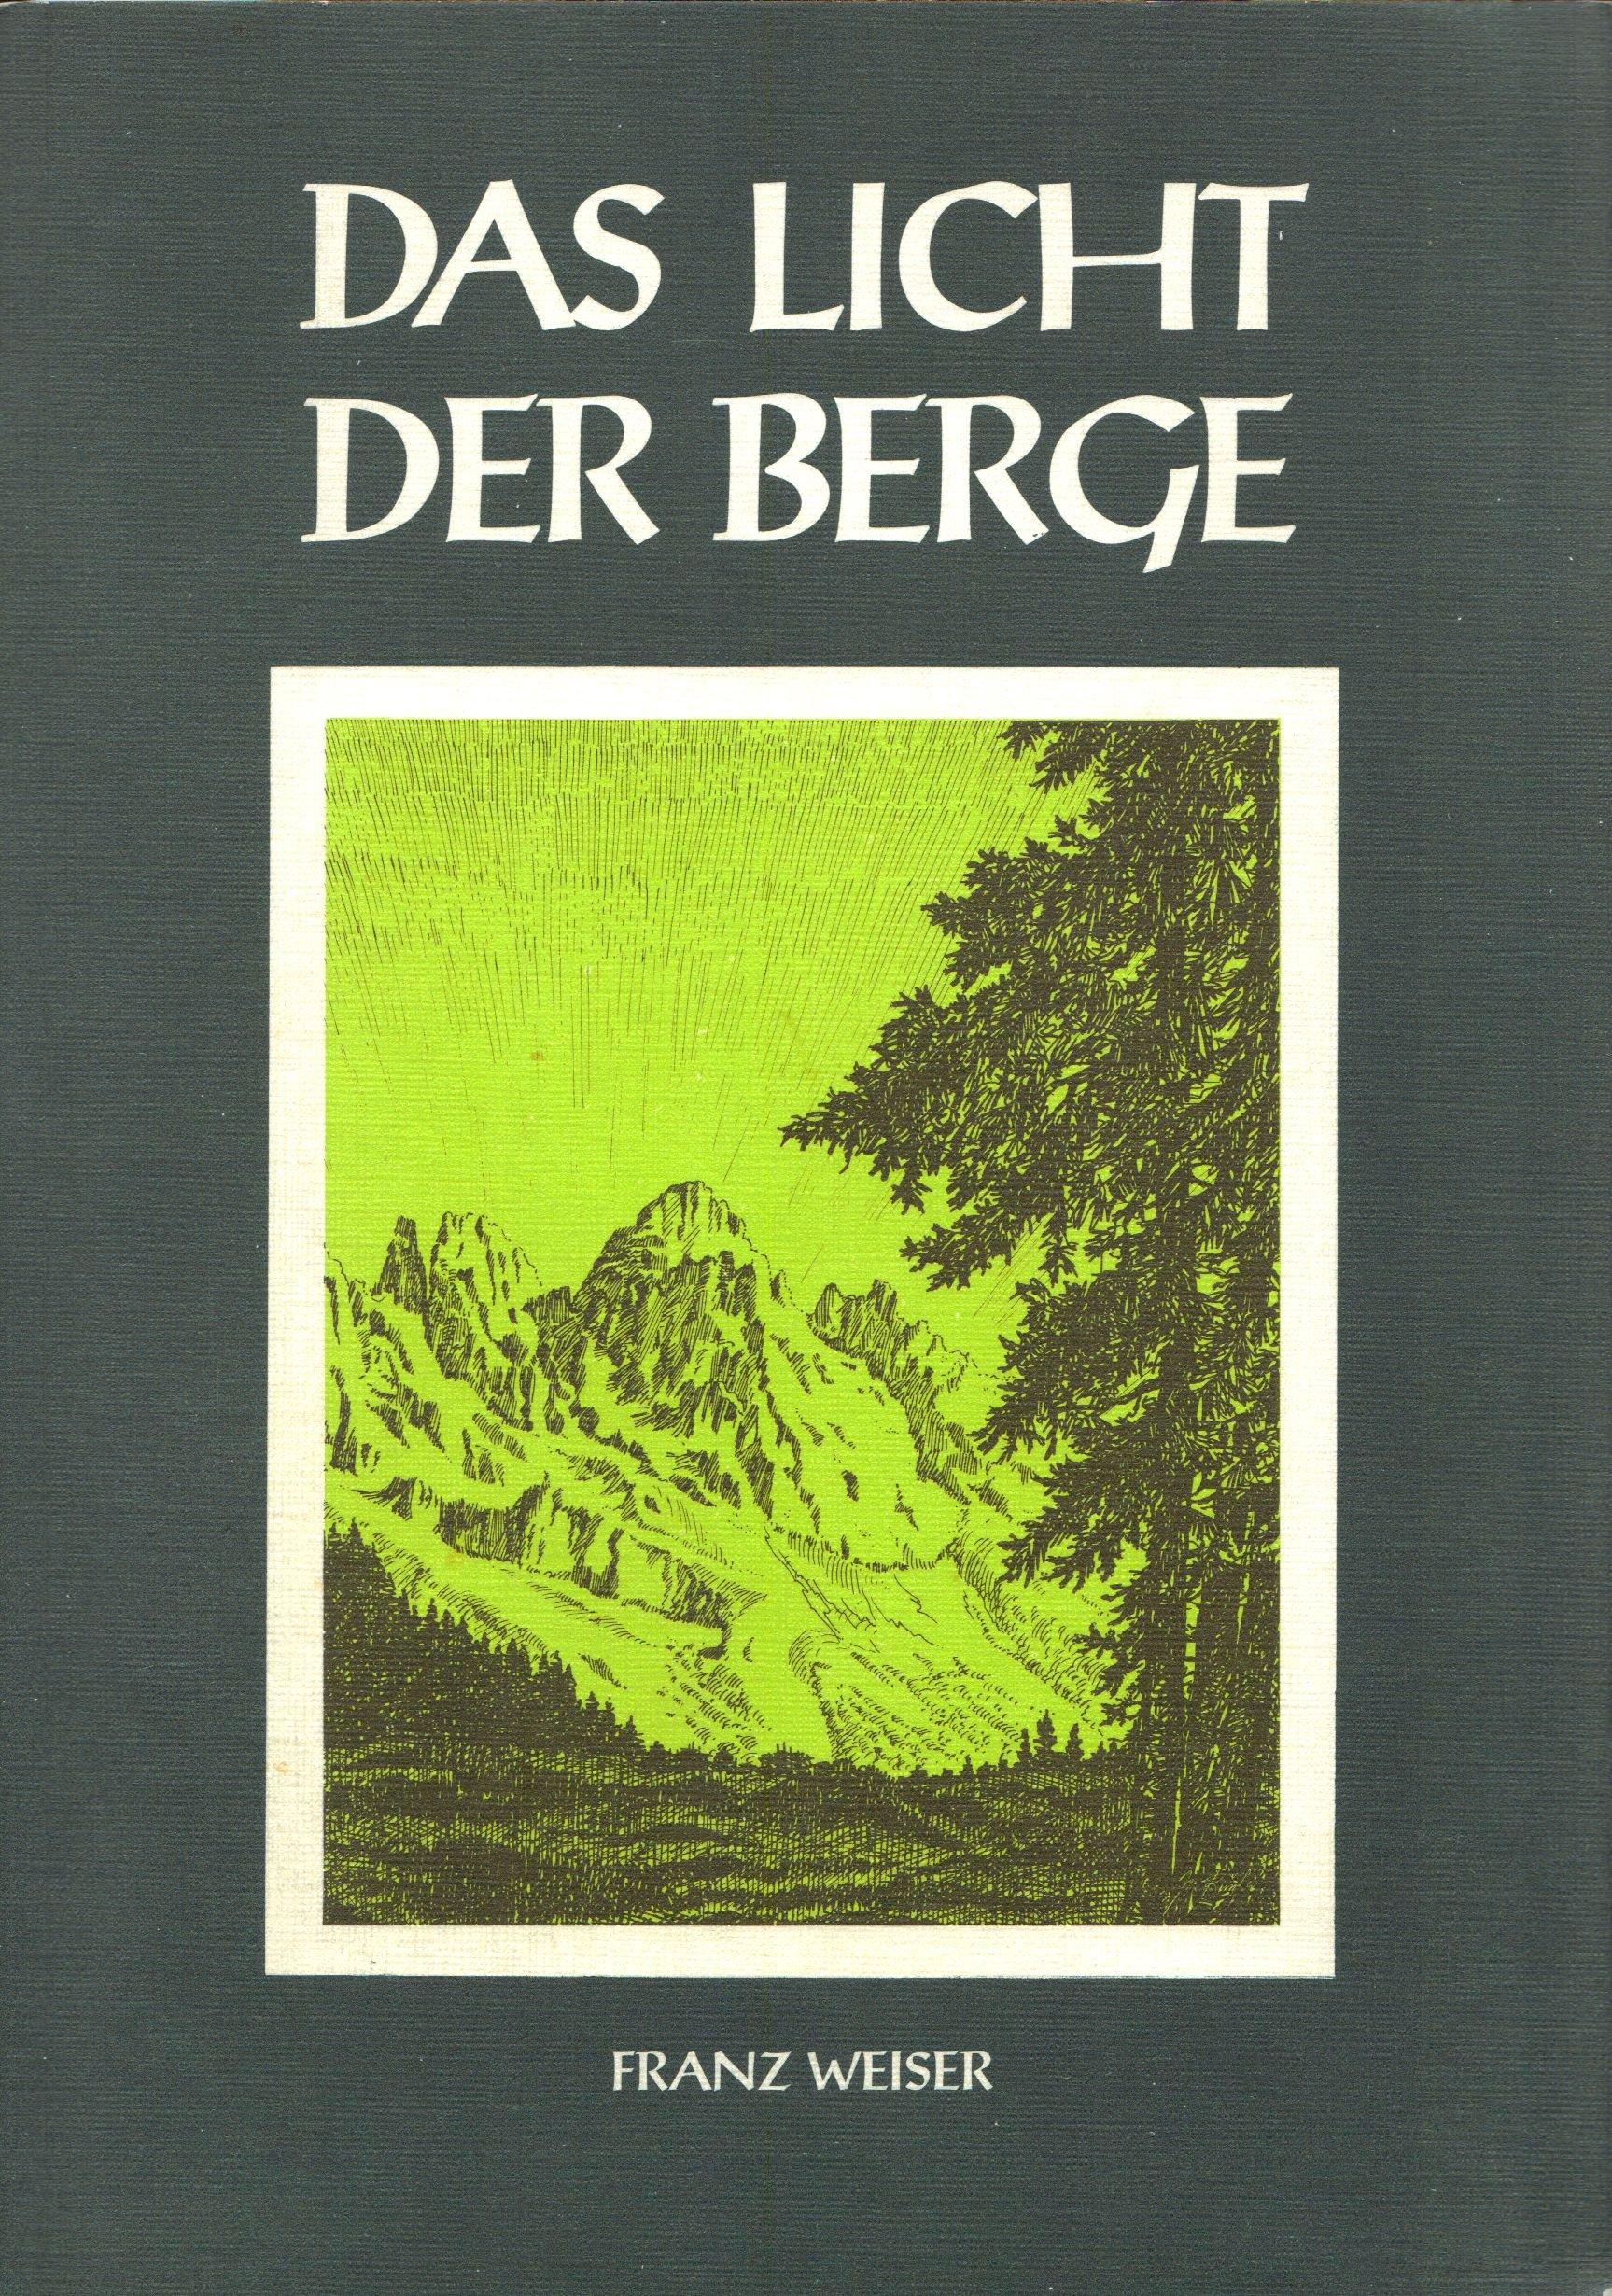 Das Licht der Berge: Amazon.de: Franz Weiser: Bücher